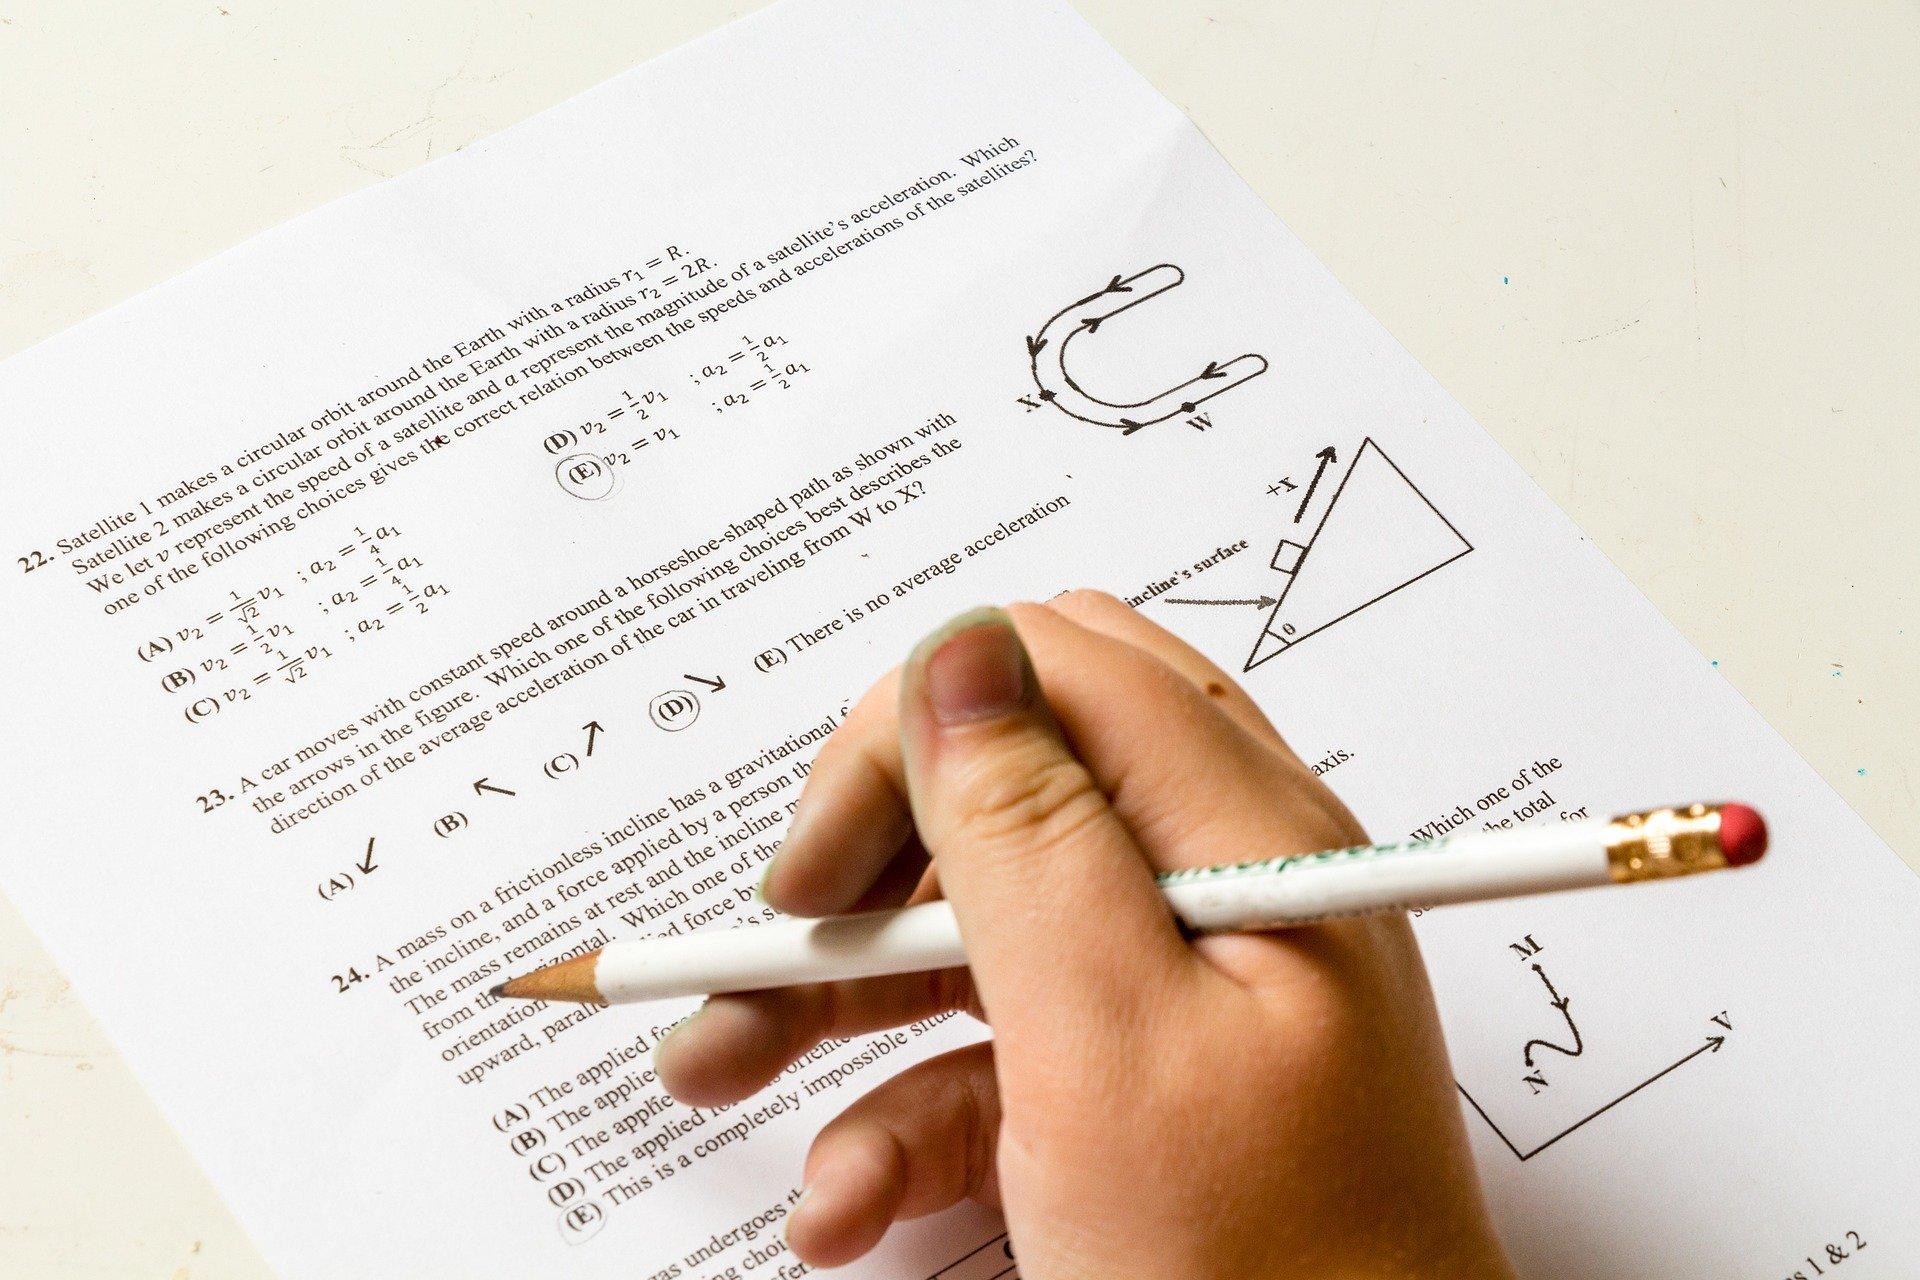 NPZ letos ne bo, osnovnošolce bodo začeli ocenjevati